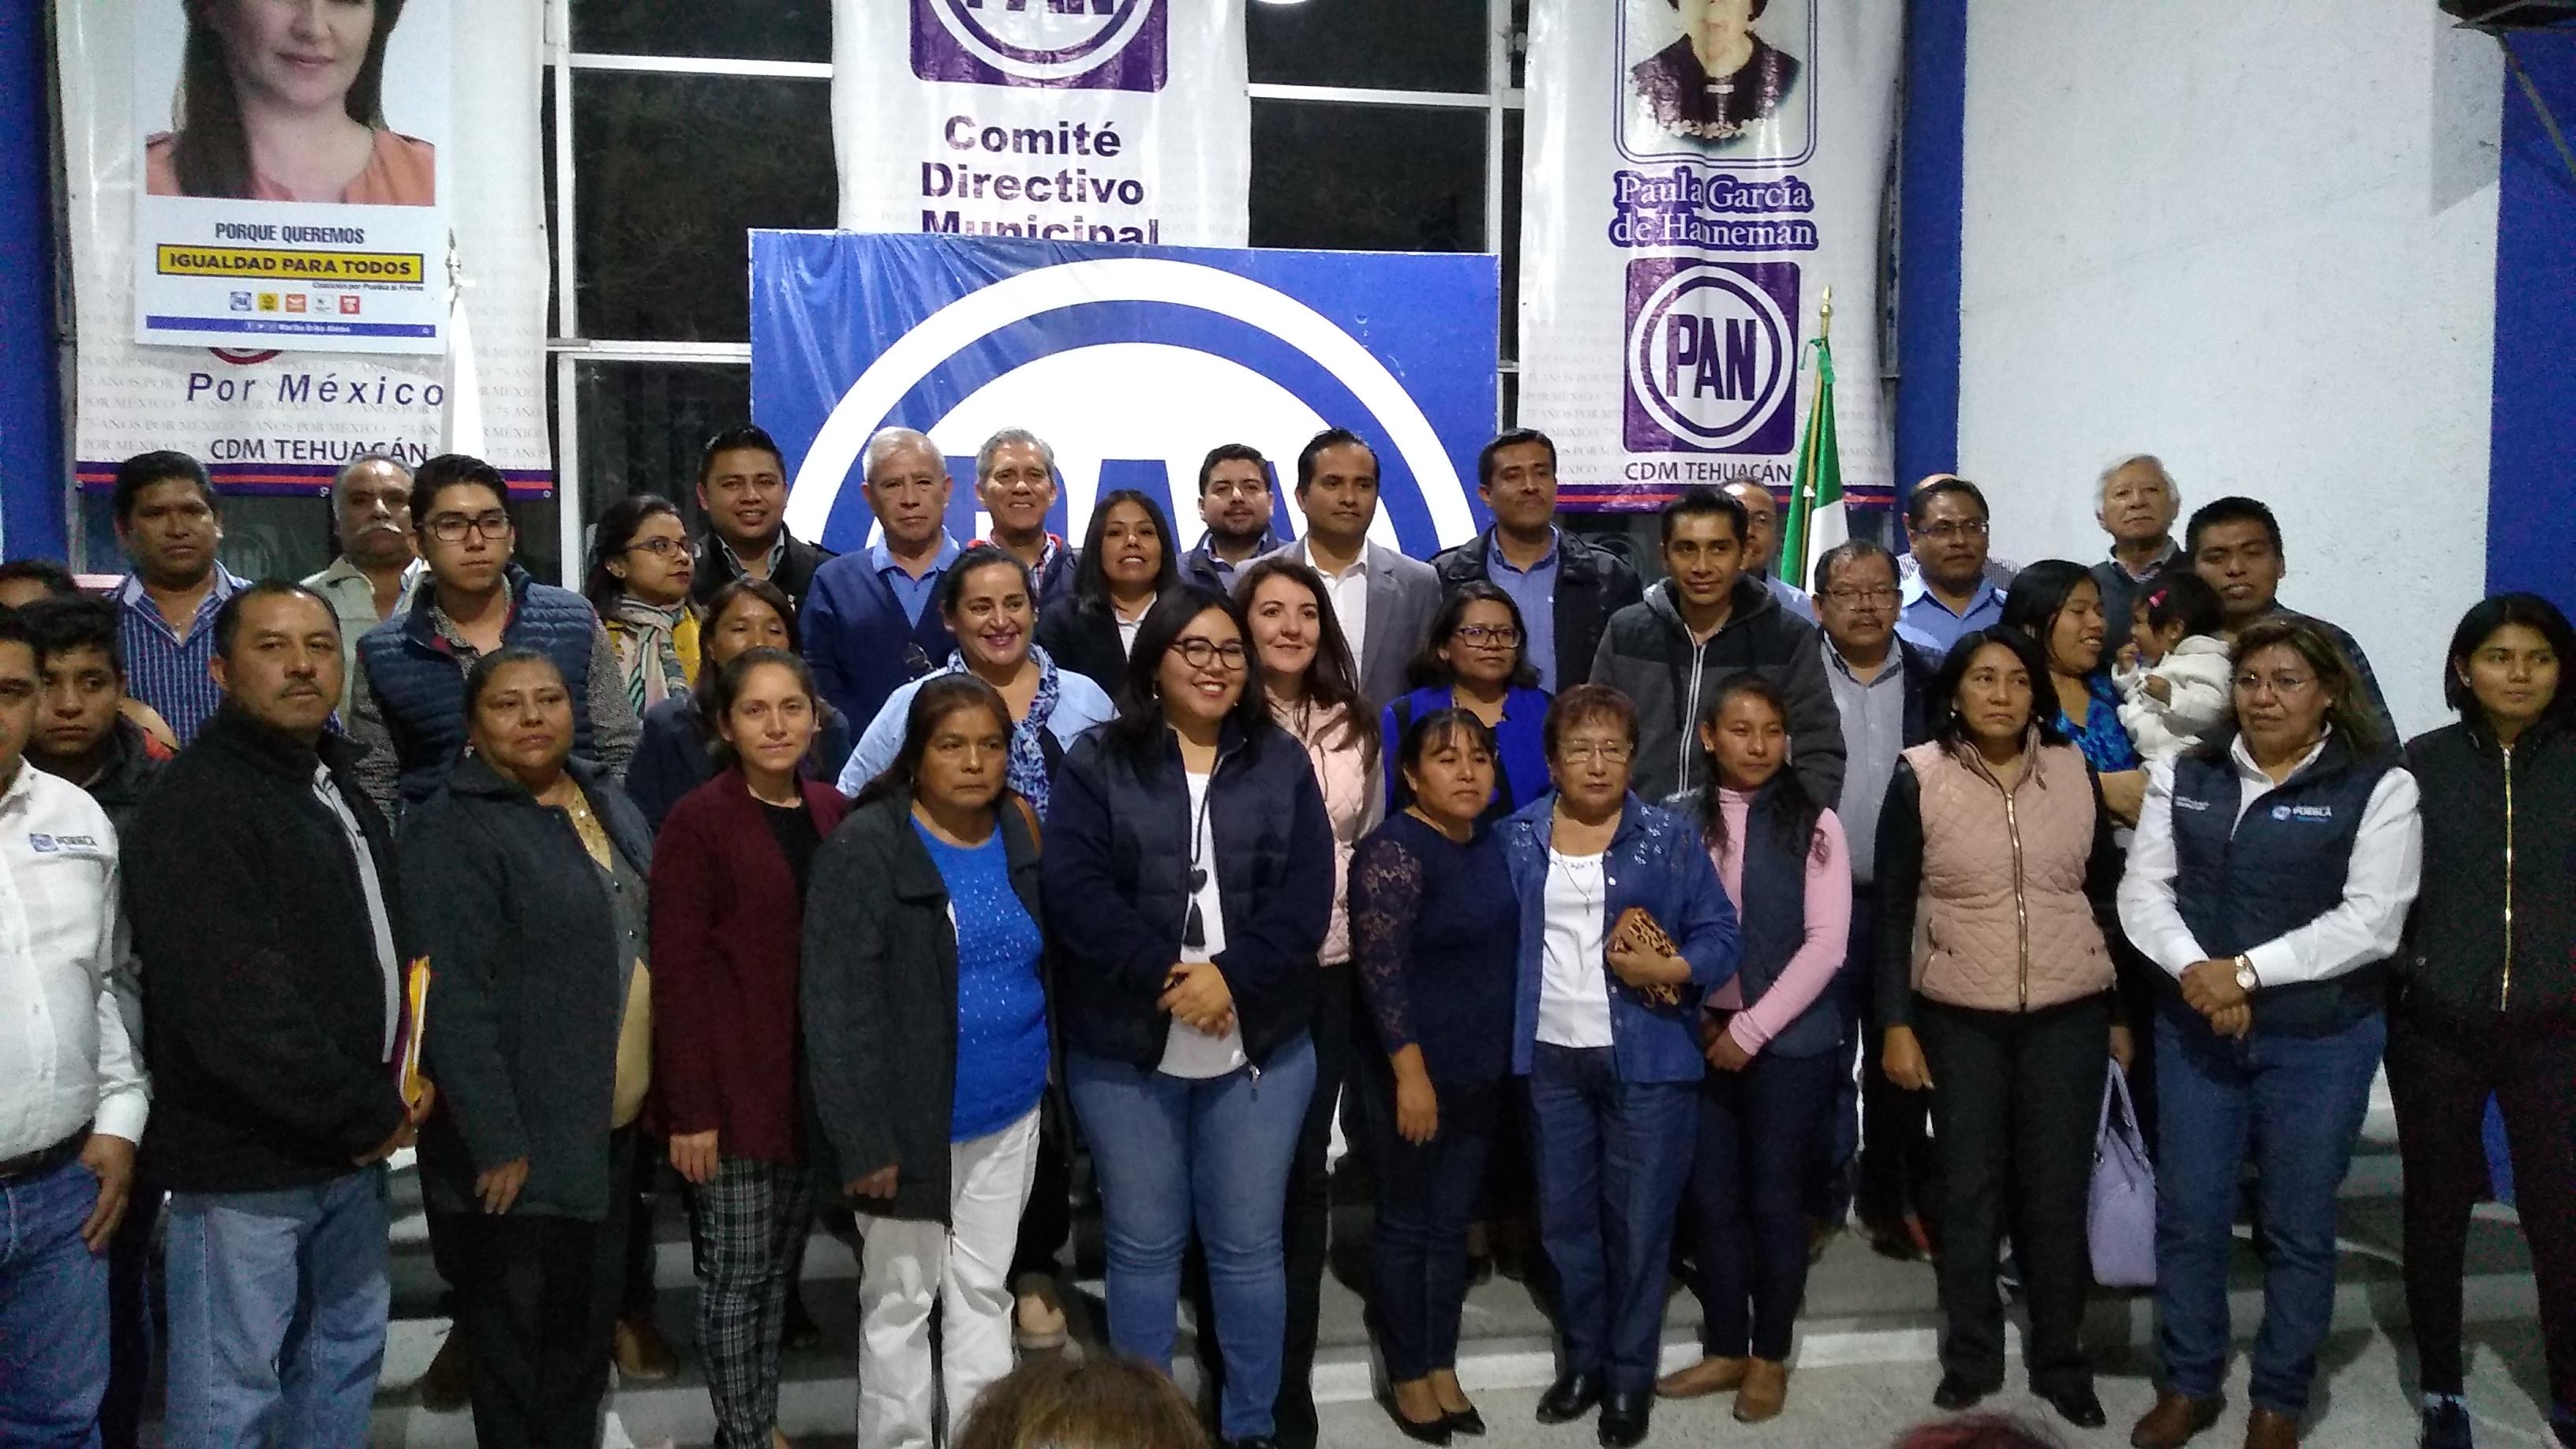 Huerta confía que el PAN nuevamente ganará gubernatura